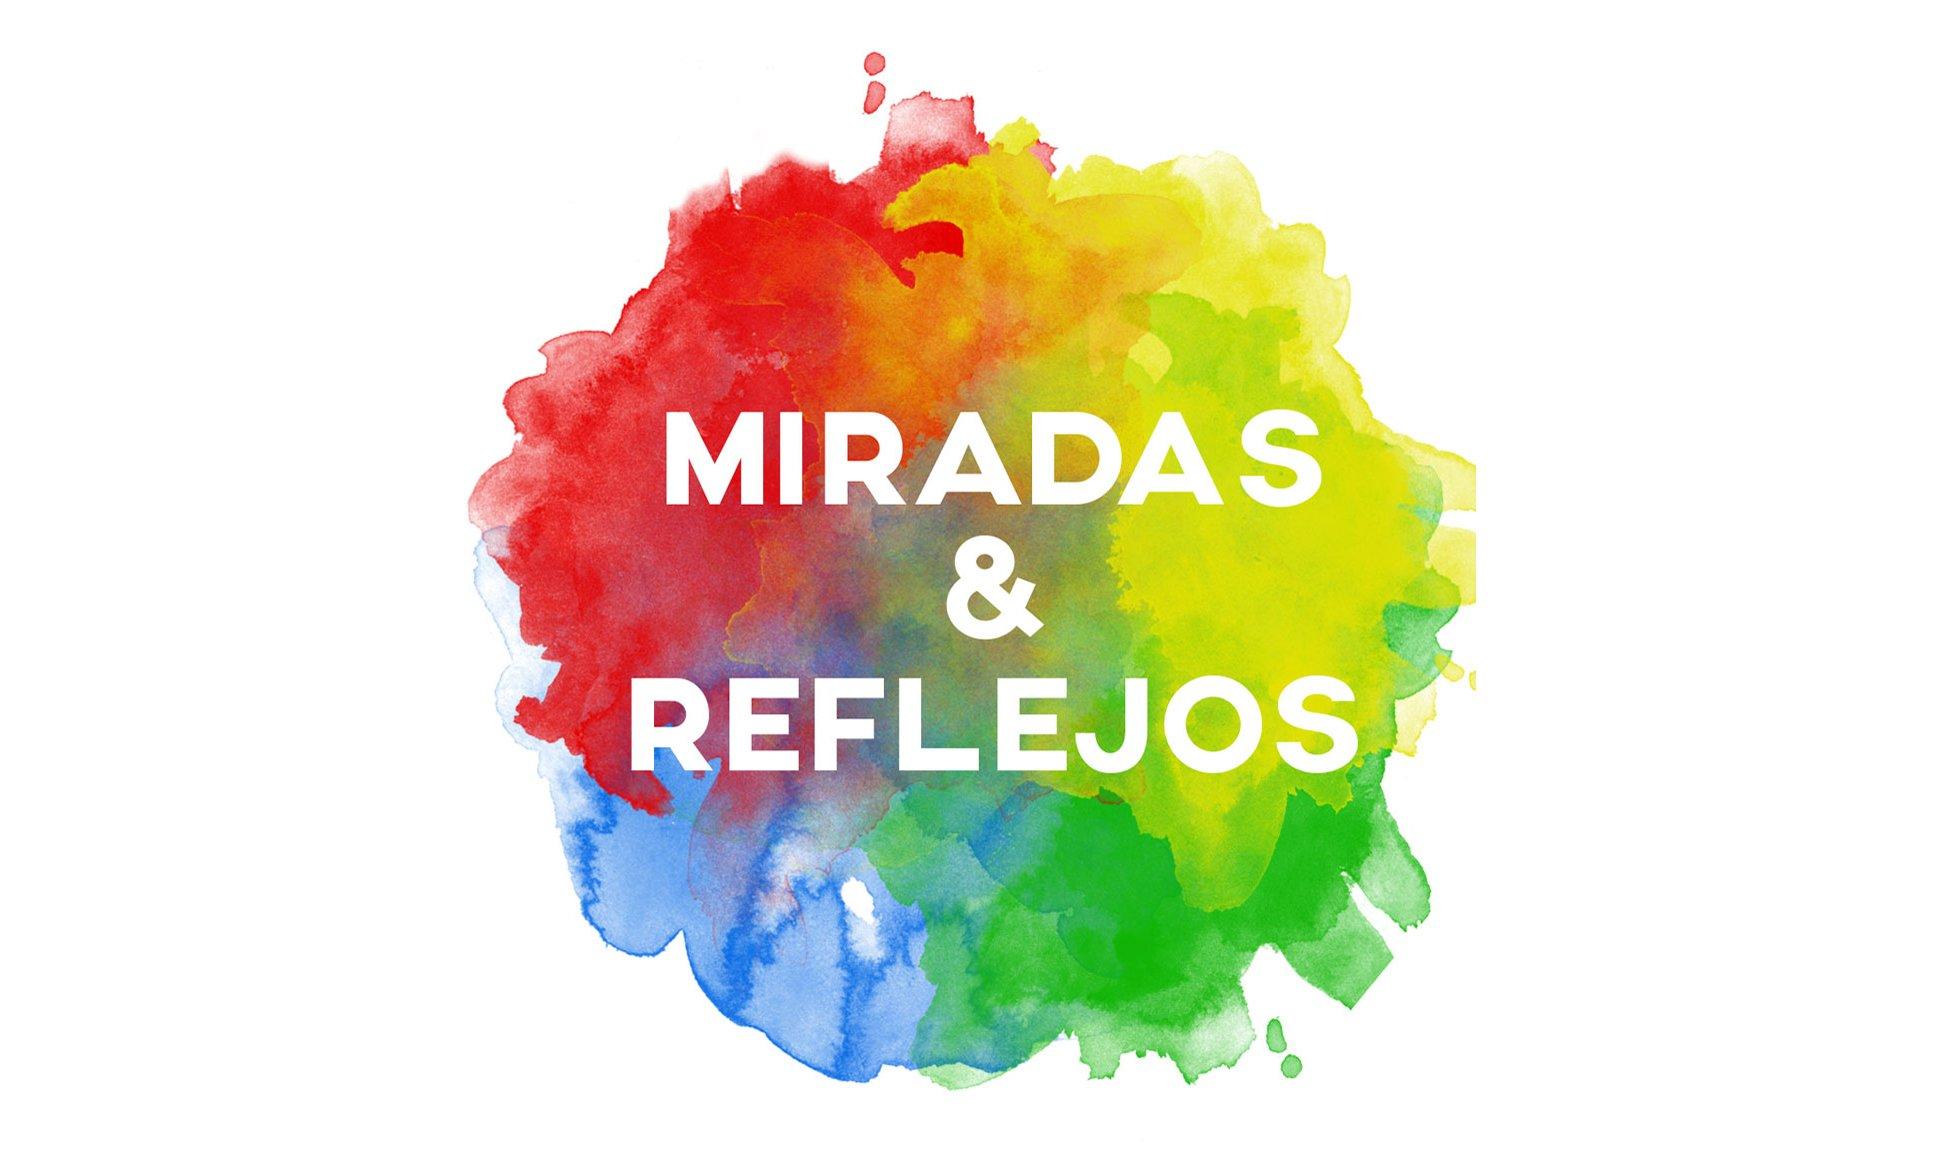 Inauguración de la exposición Miradas & Reflejos en Sevilla